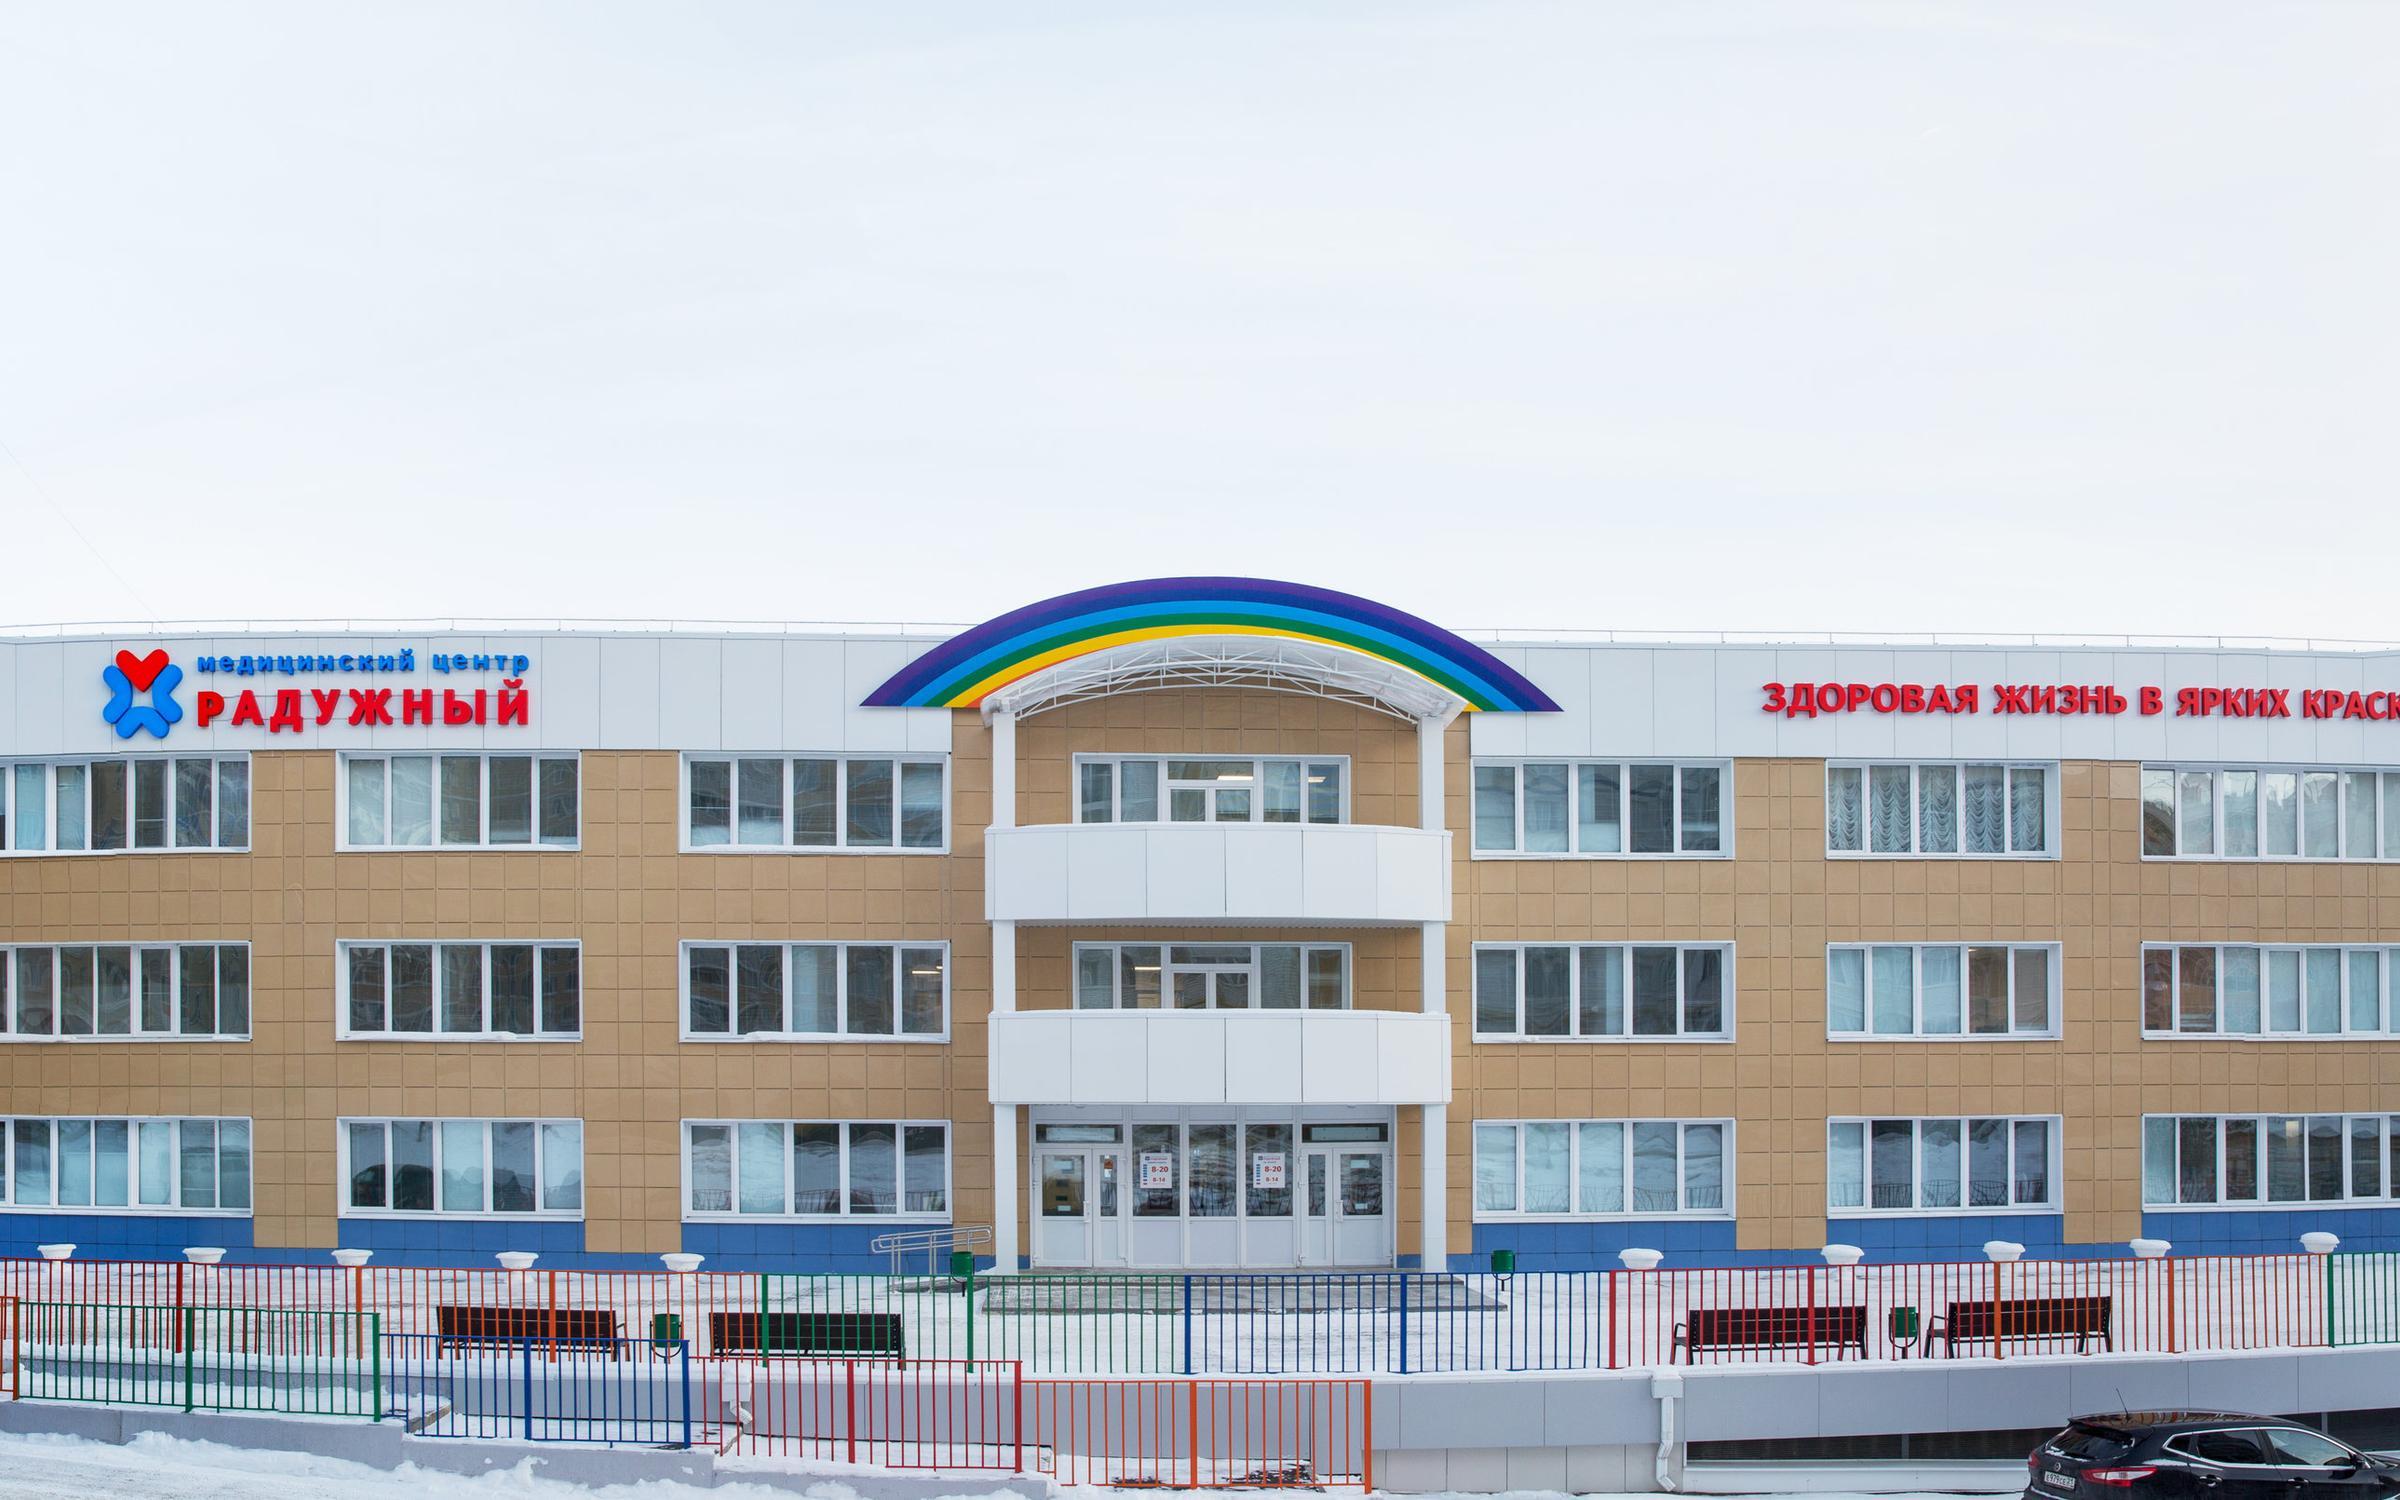 фотография Медицинского центра Радужный на Радужной улице